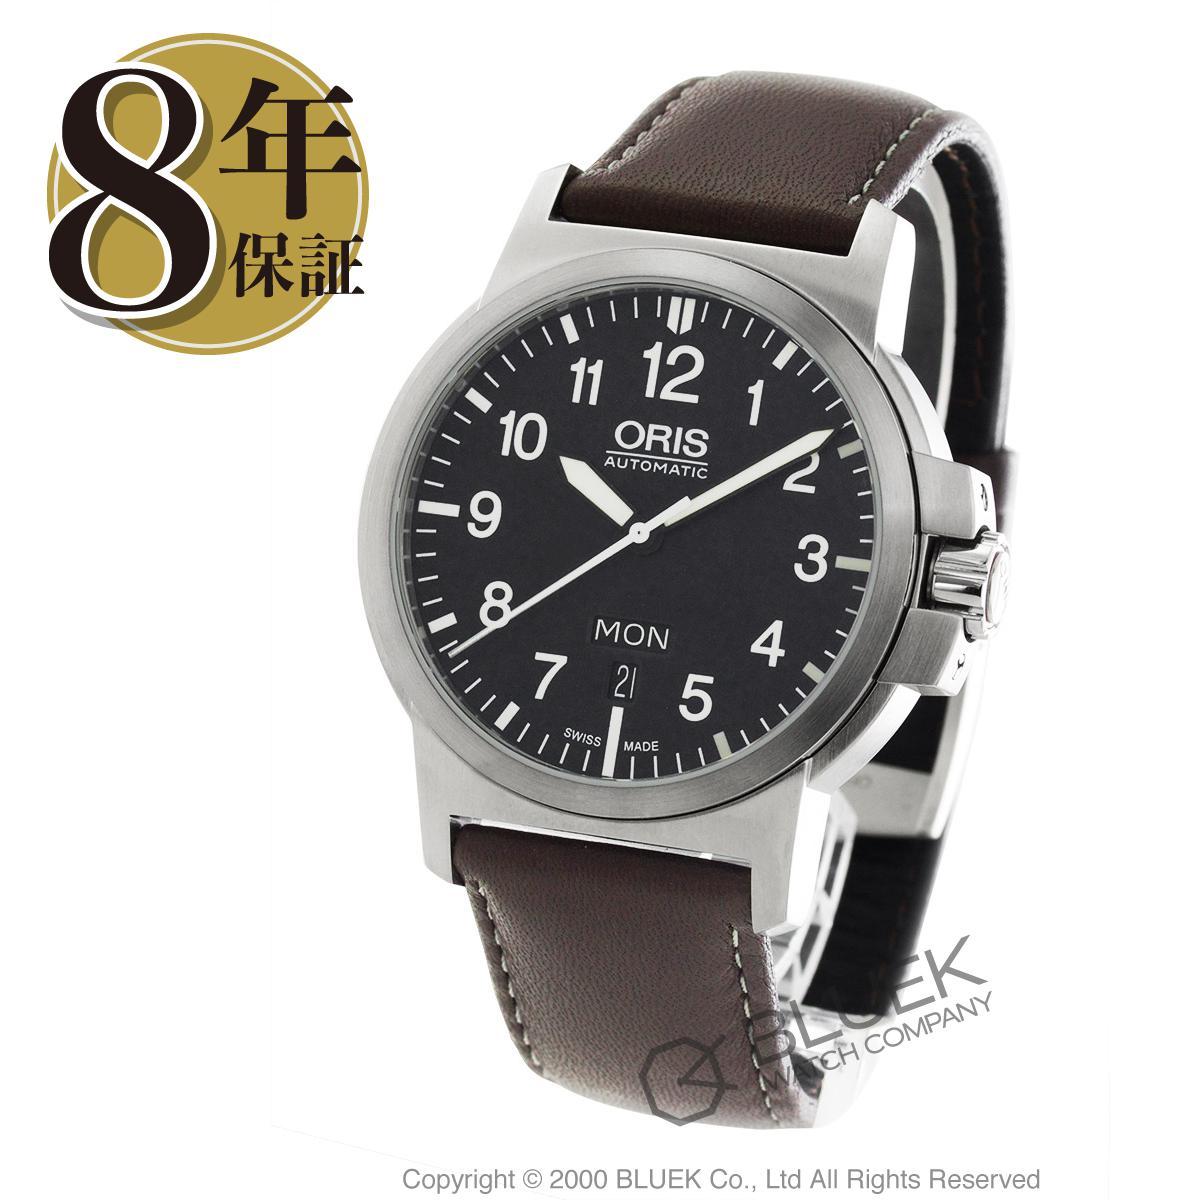 オリス ORIS 腕時計 BC3 アドバンスド メンズ 735 7641 4164F_8